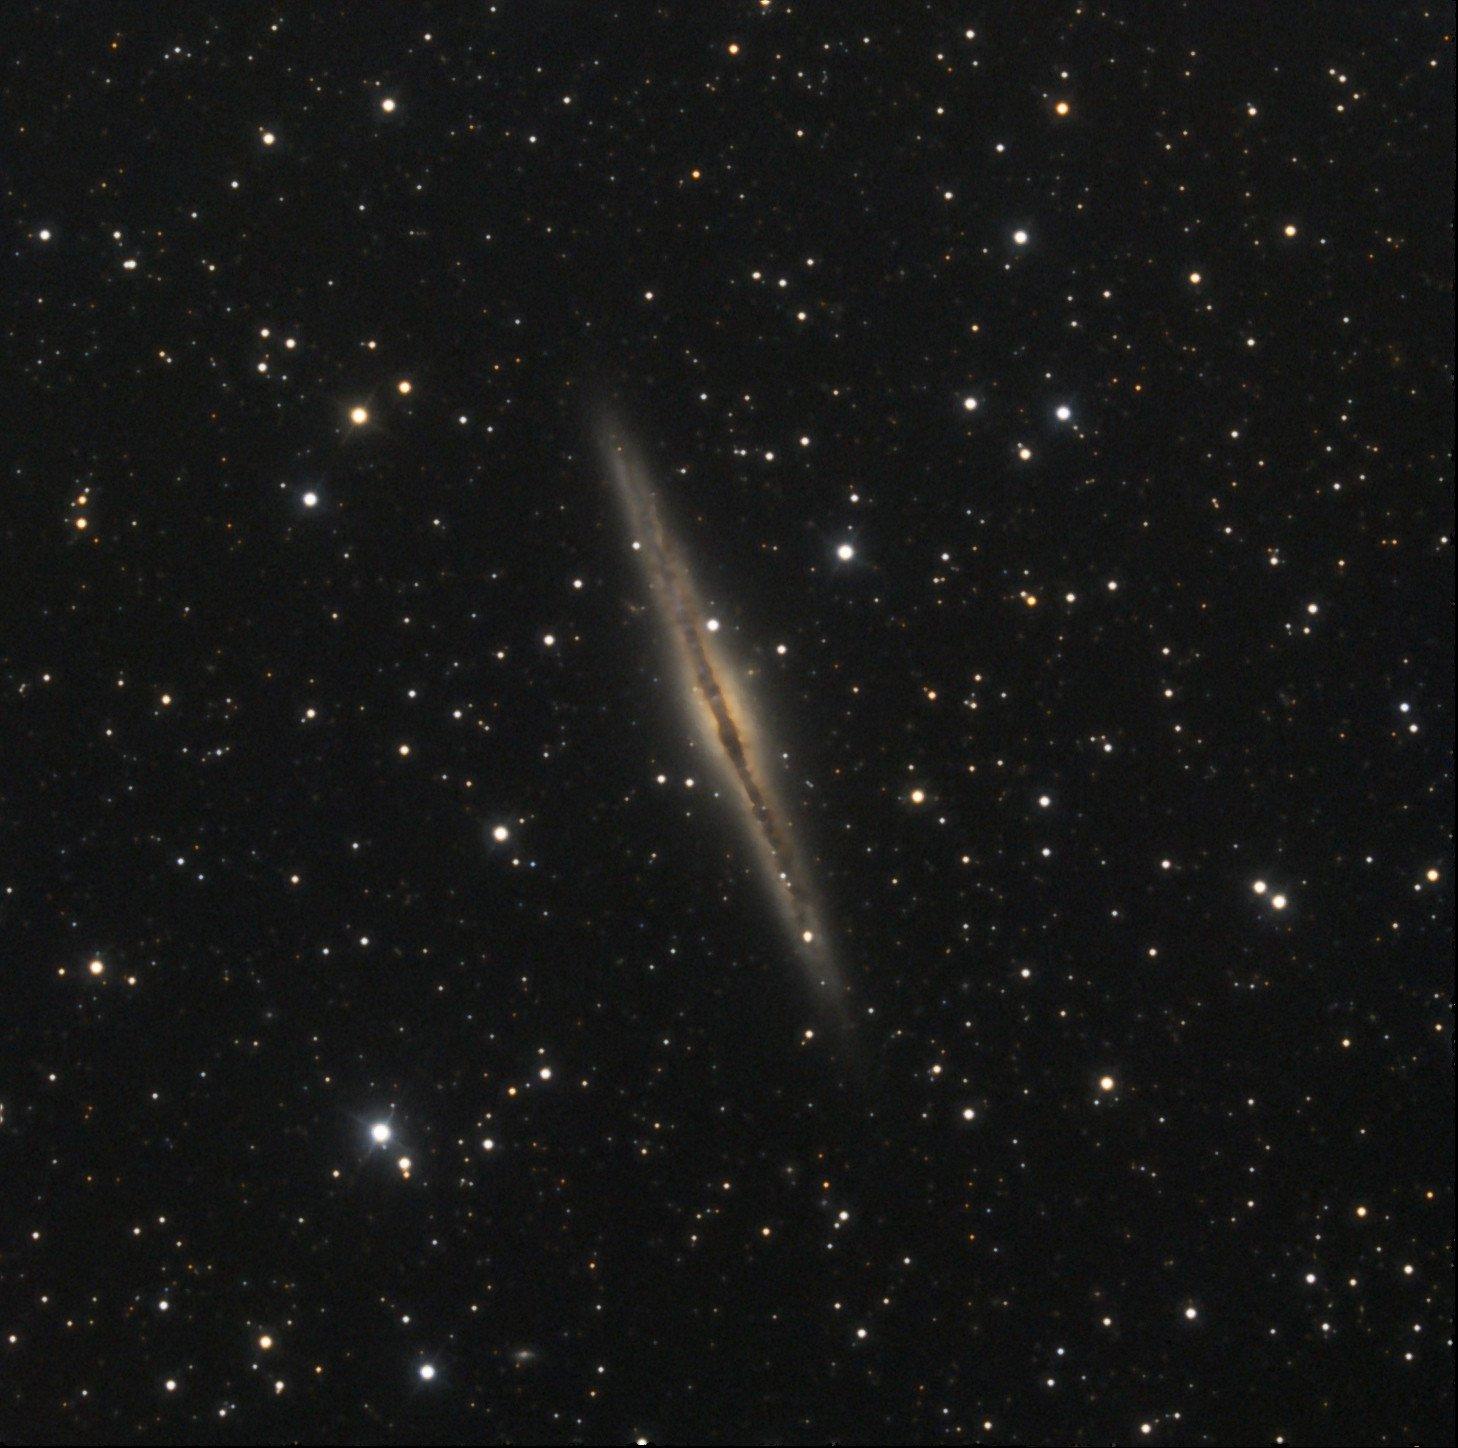 couche_LUM_NGC891.jpg.3a1831ca646fc32033115bfe4f4fc3f8_2coul.jpg.d7afb55e7055dda49c0dcea6c35beffc.jpg